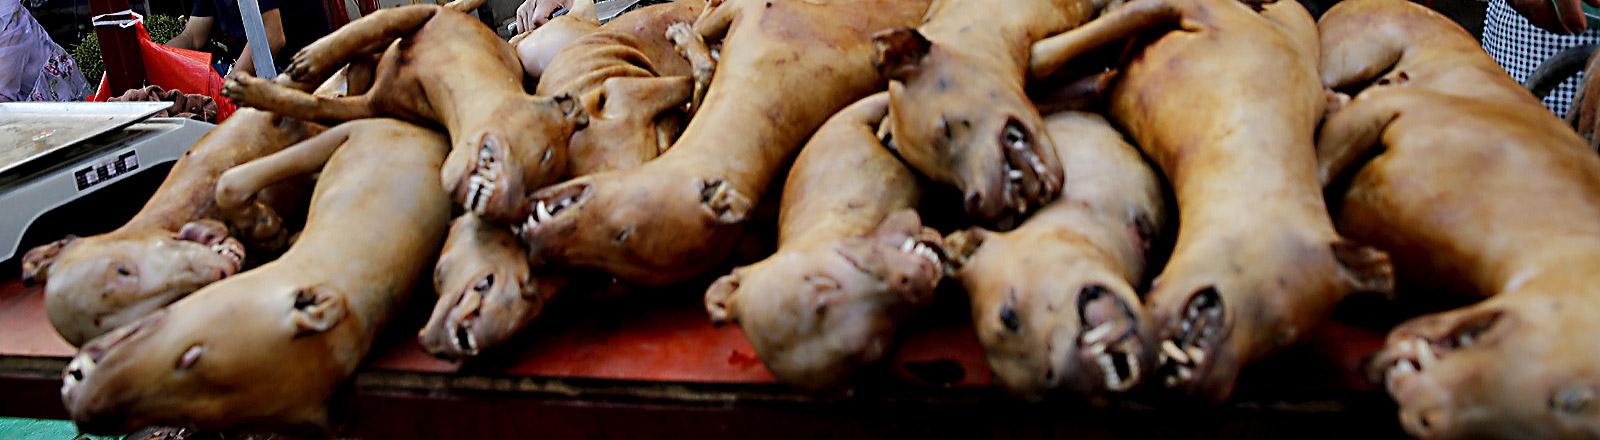 Tote Hunde zum Verzehr auf einem Tisch gestapelt